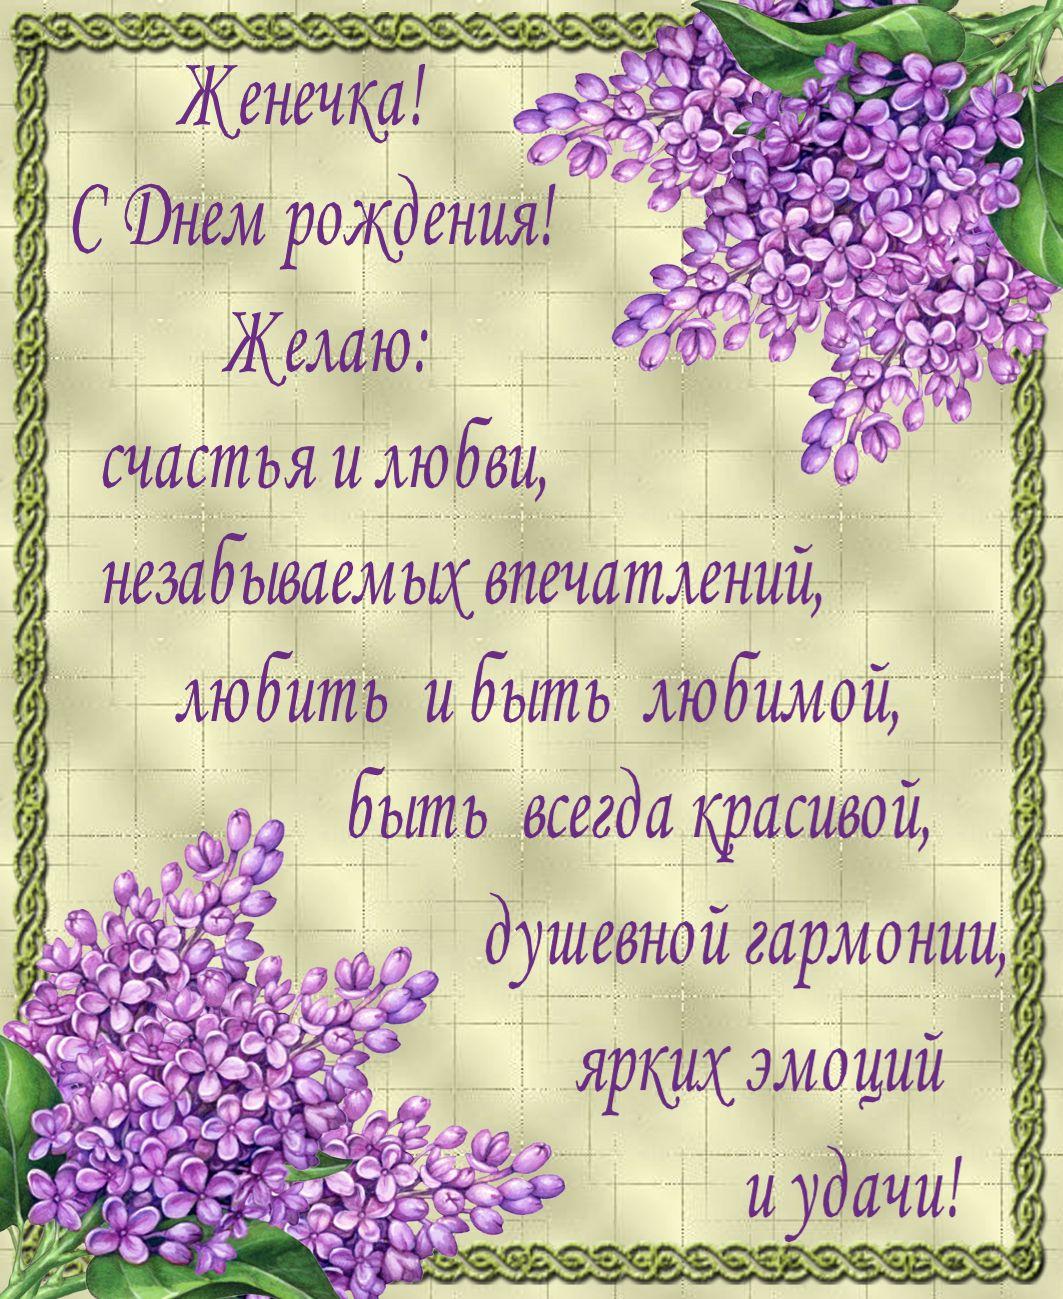 Открытки с днем рождения Оксане, скачать бесплатно